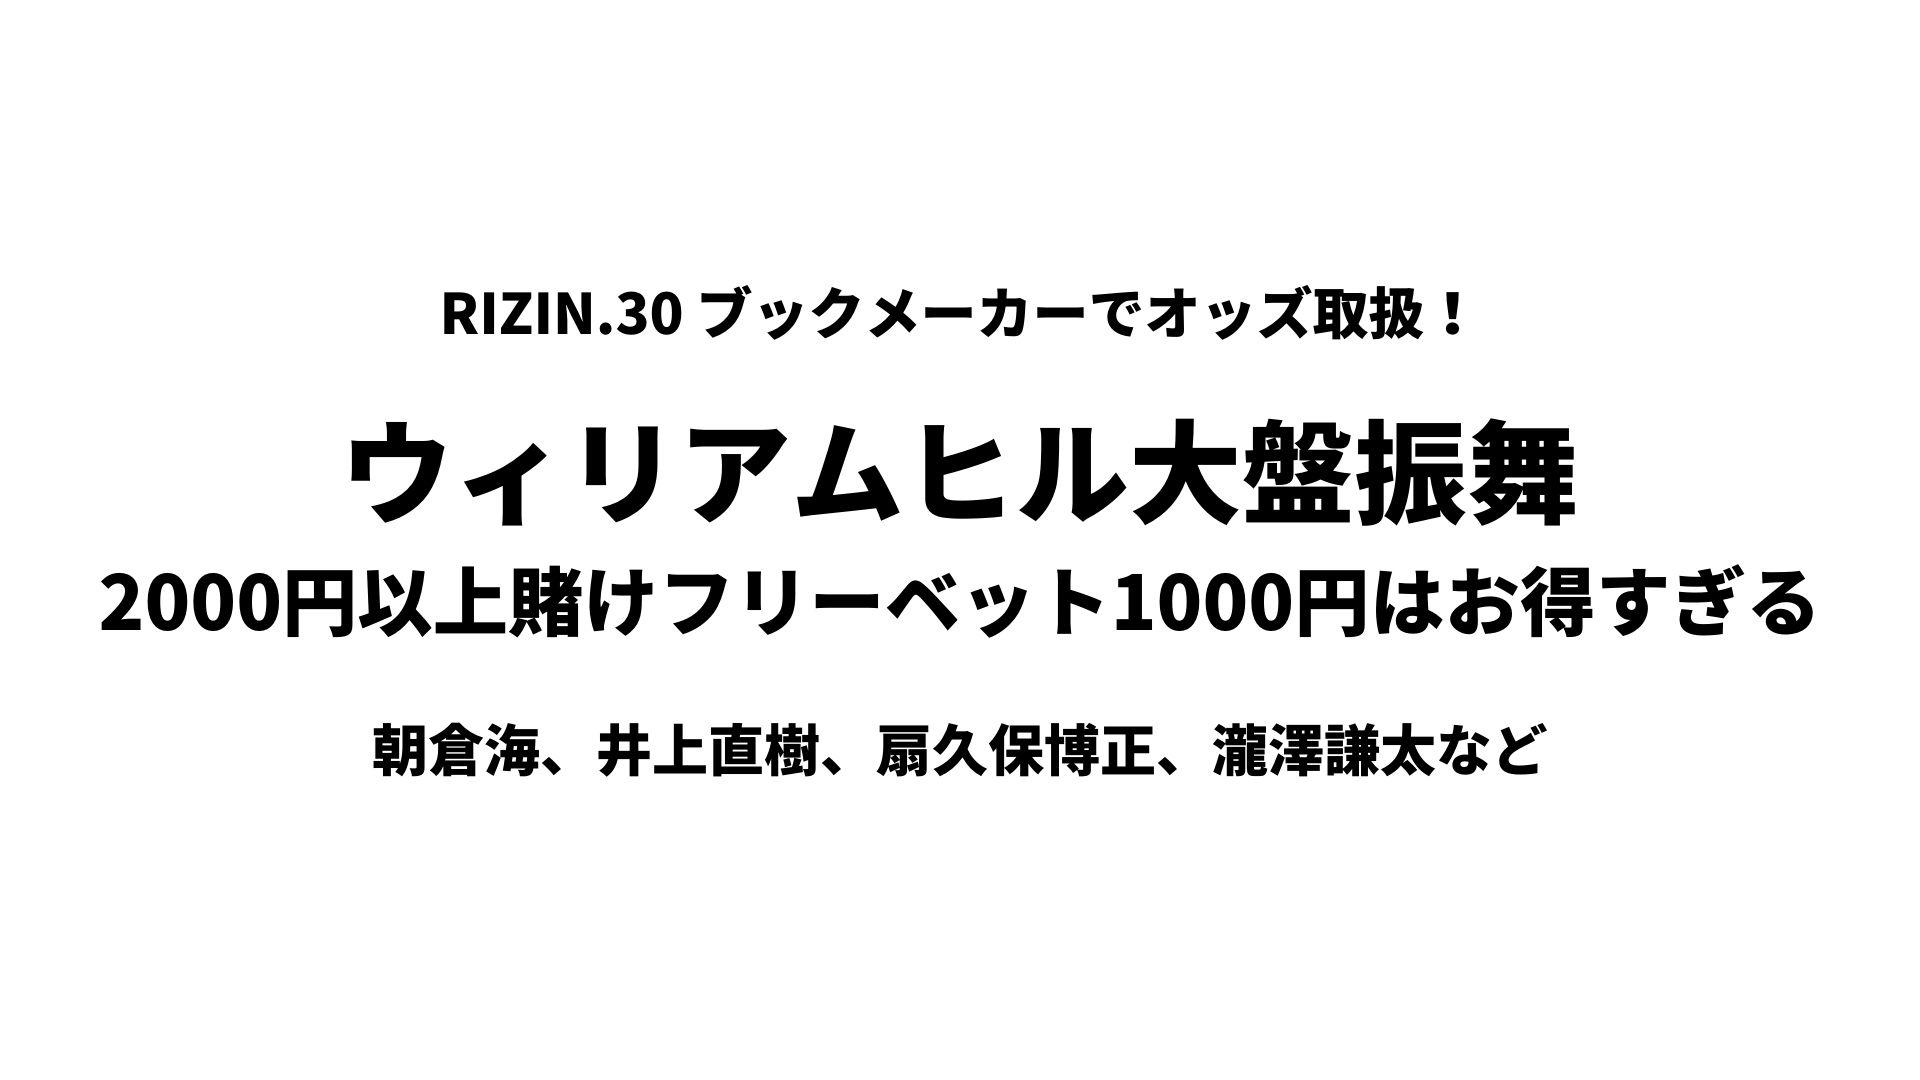 ブックメーカーウィリアムヒルでRIZIN.30オッズ取扱